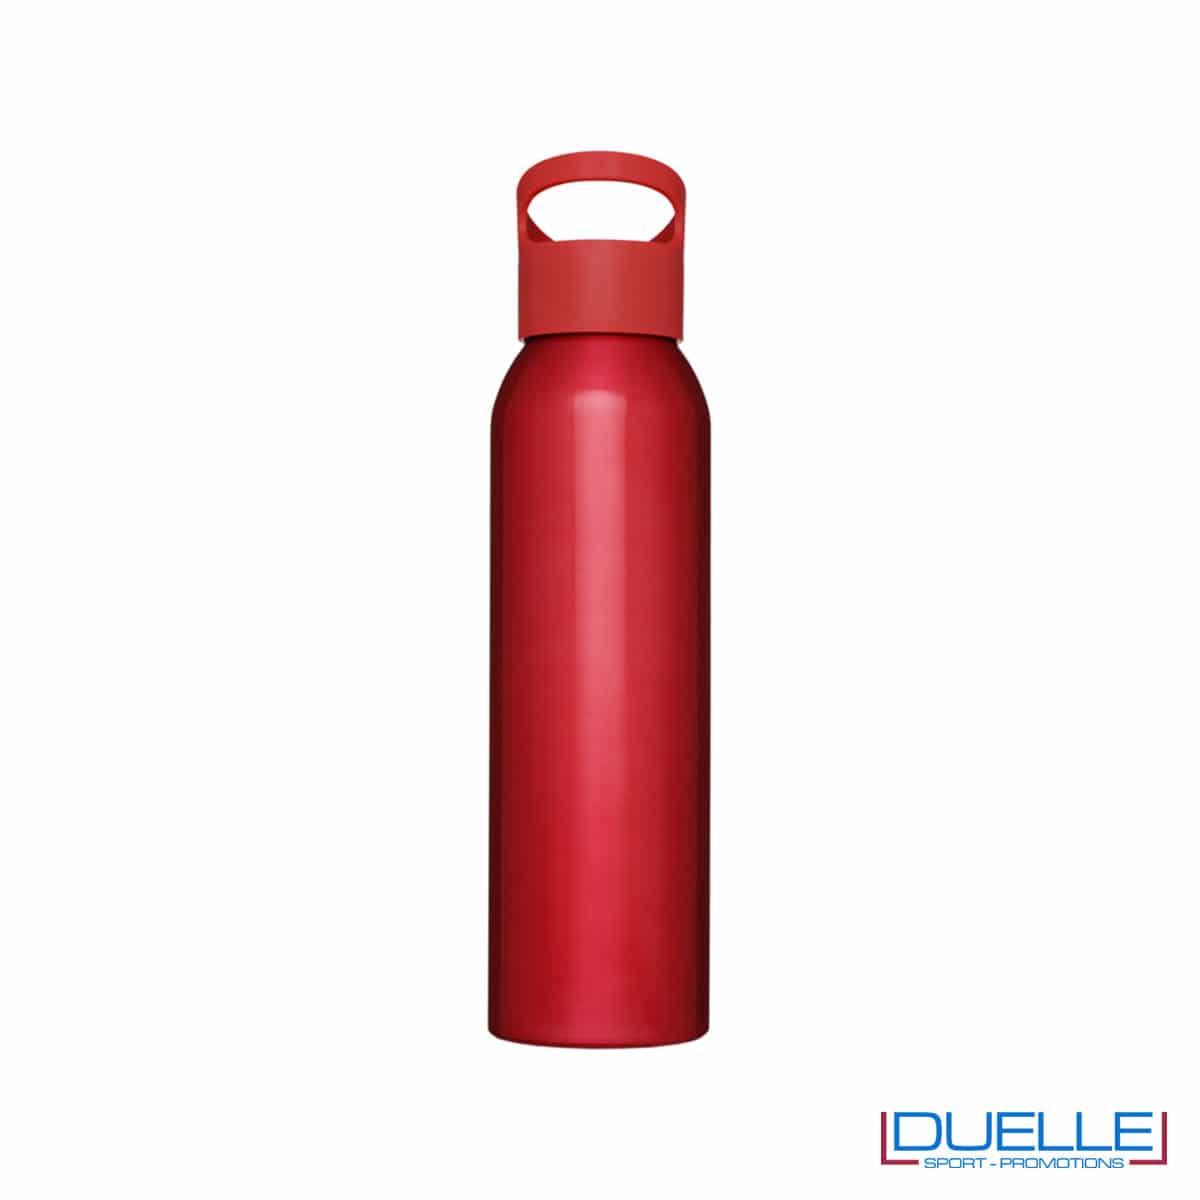 Borraccia alluminio colore rosso con tappo in plastica